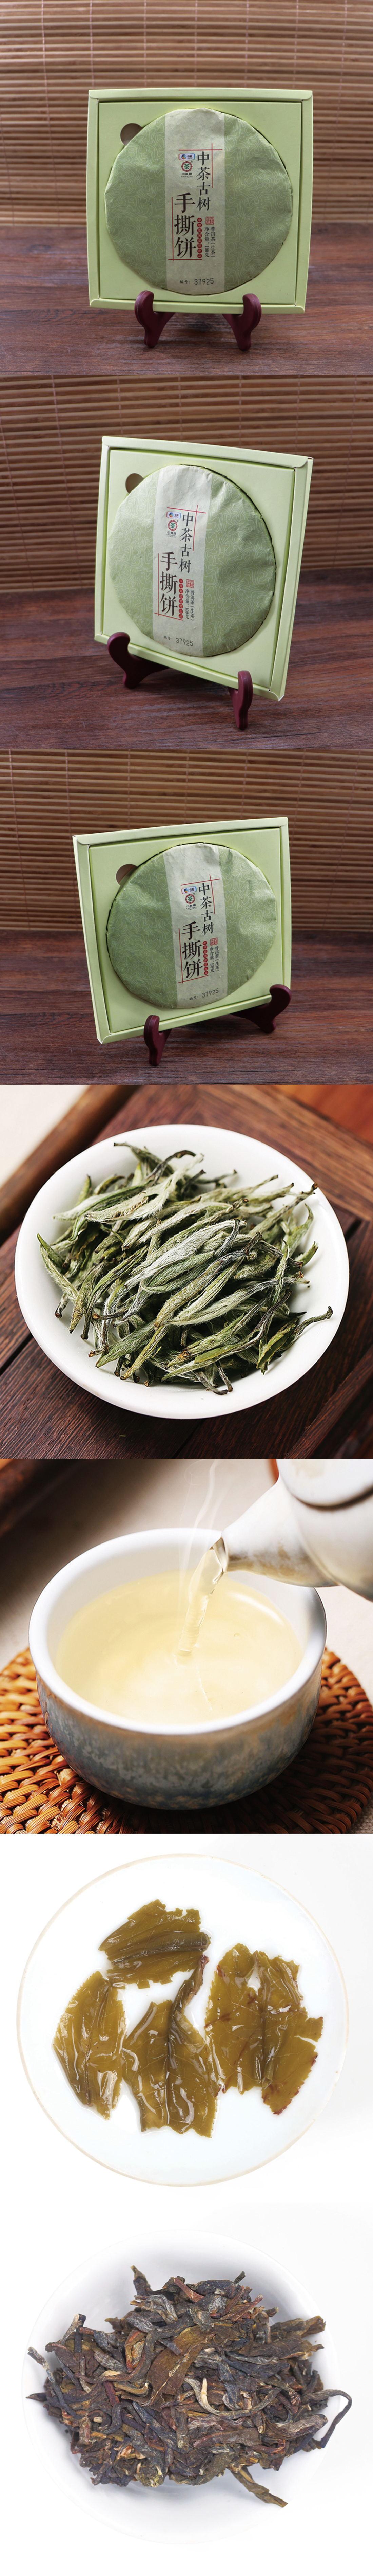 中茶详情页1.jpg